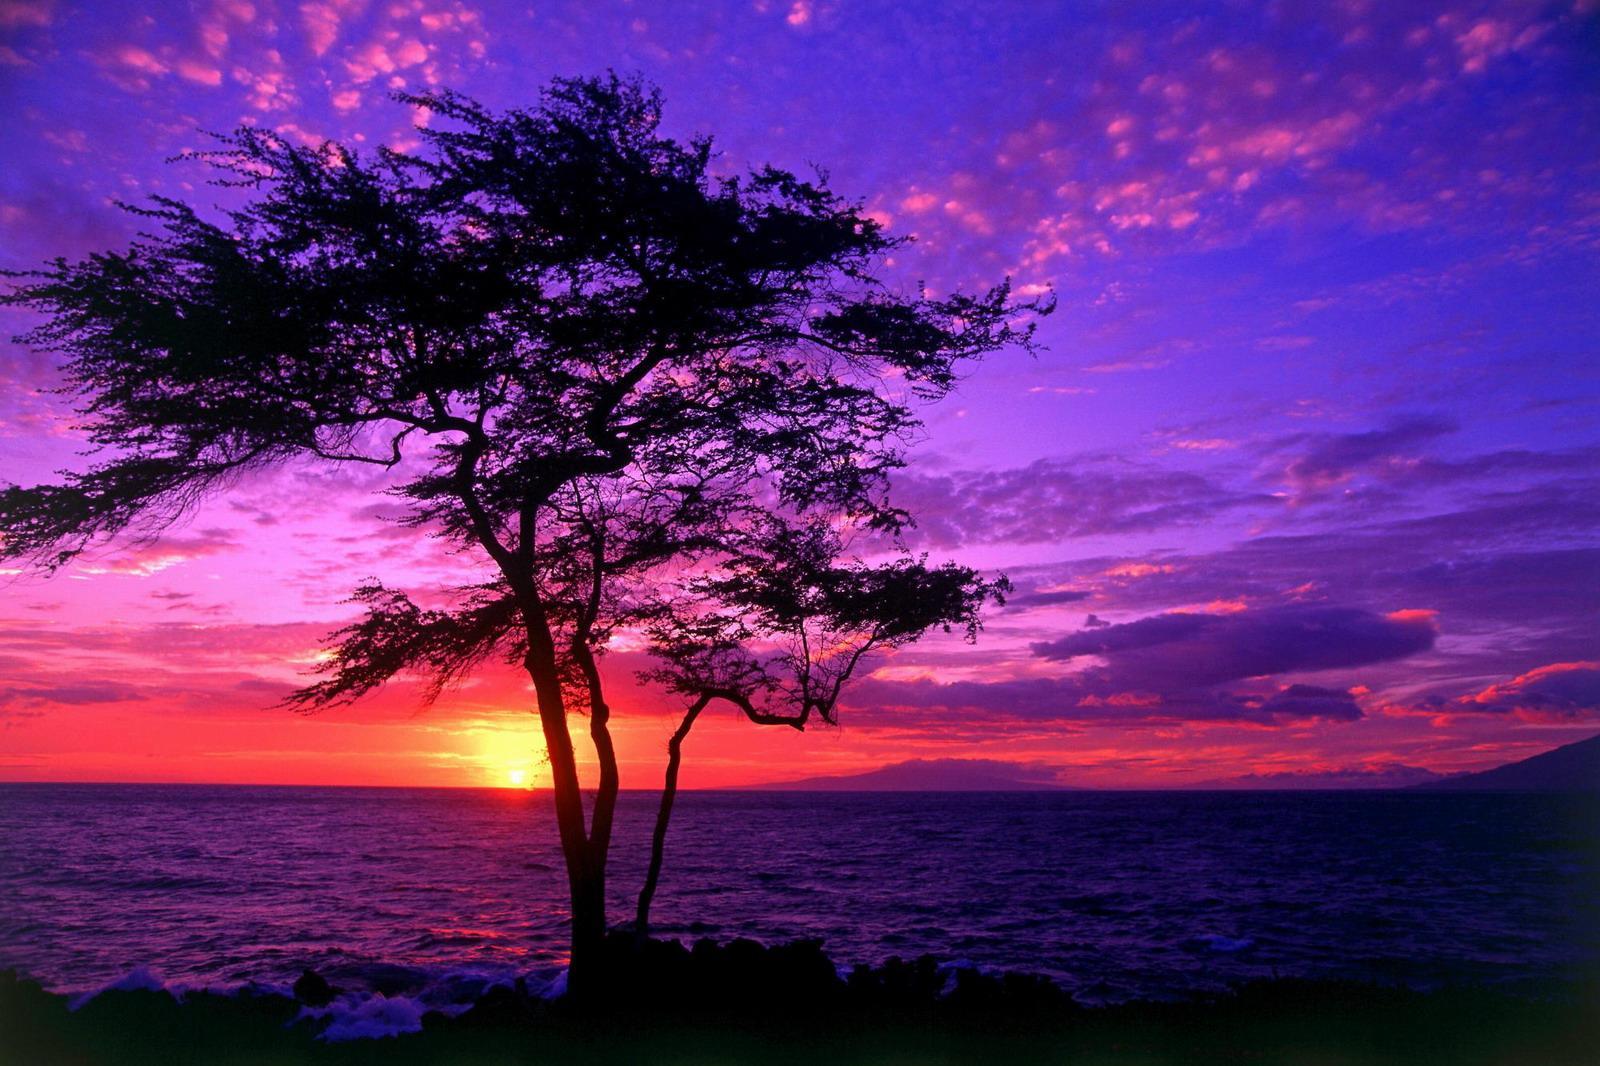 夕阳风景-日落美景图片